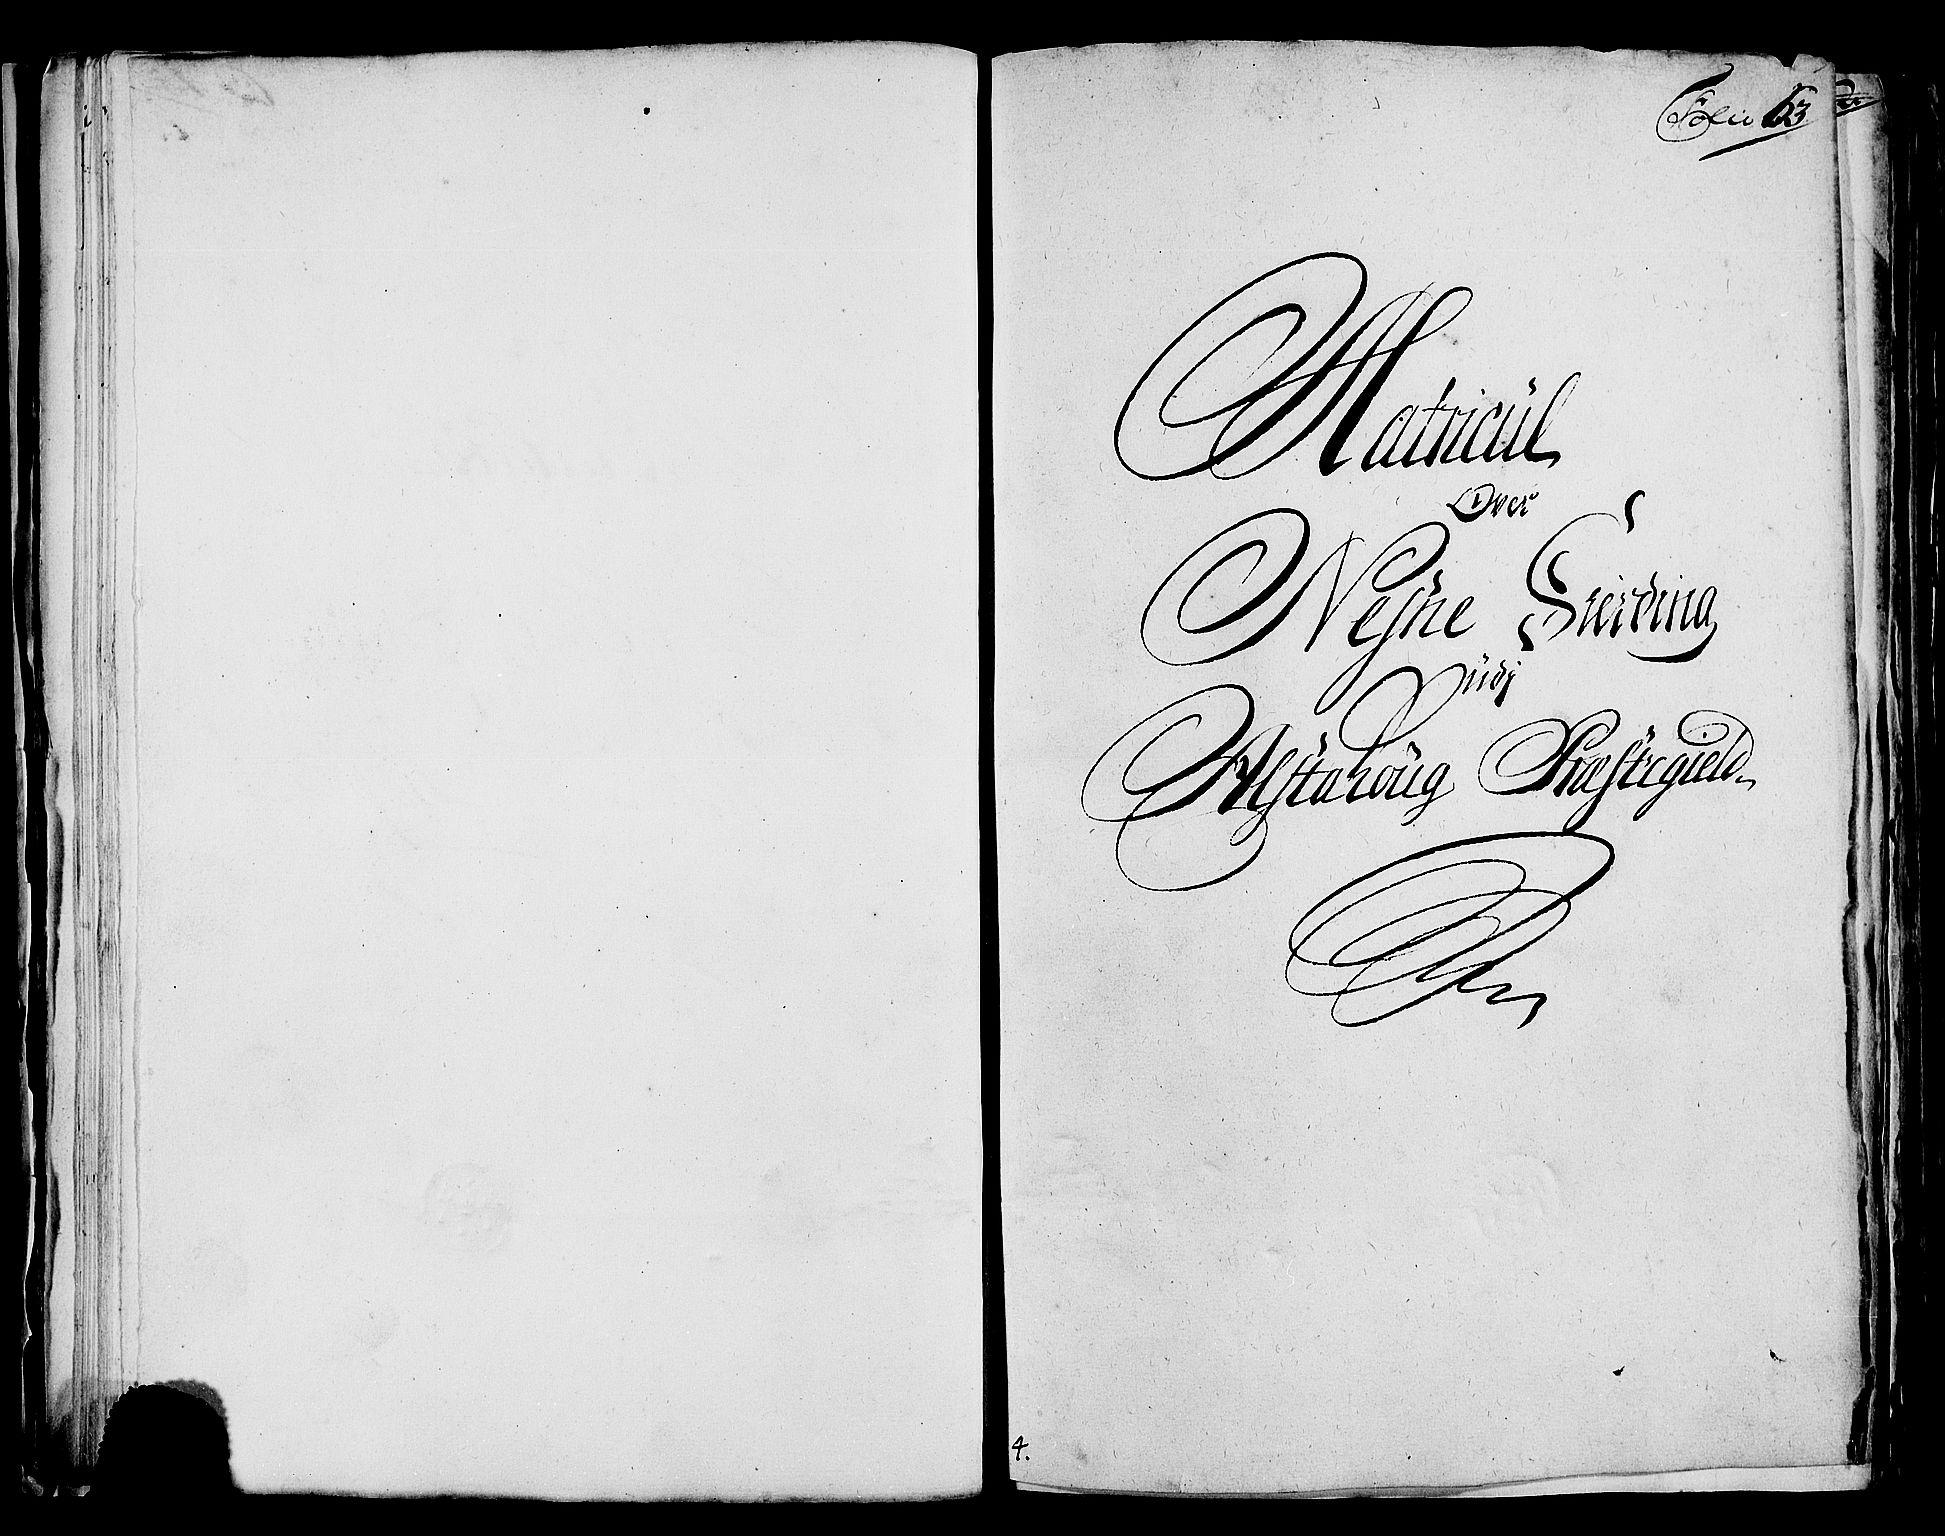 RA, Rentekammeret inntil 1814, Realistisk ordnet avdeling, N/Nb/Nbf/L0171: Helgeland matrikkelprotokoll, 1723, s. 62b-63a